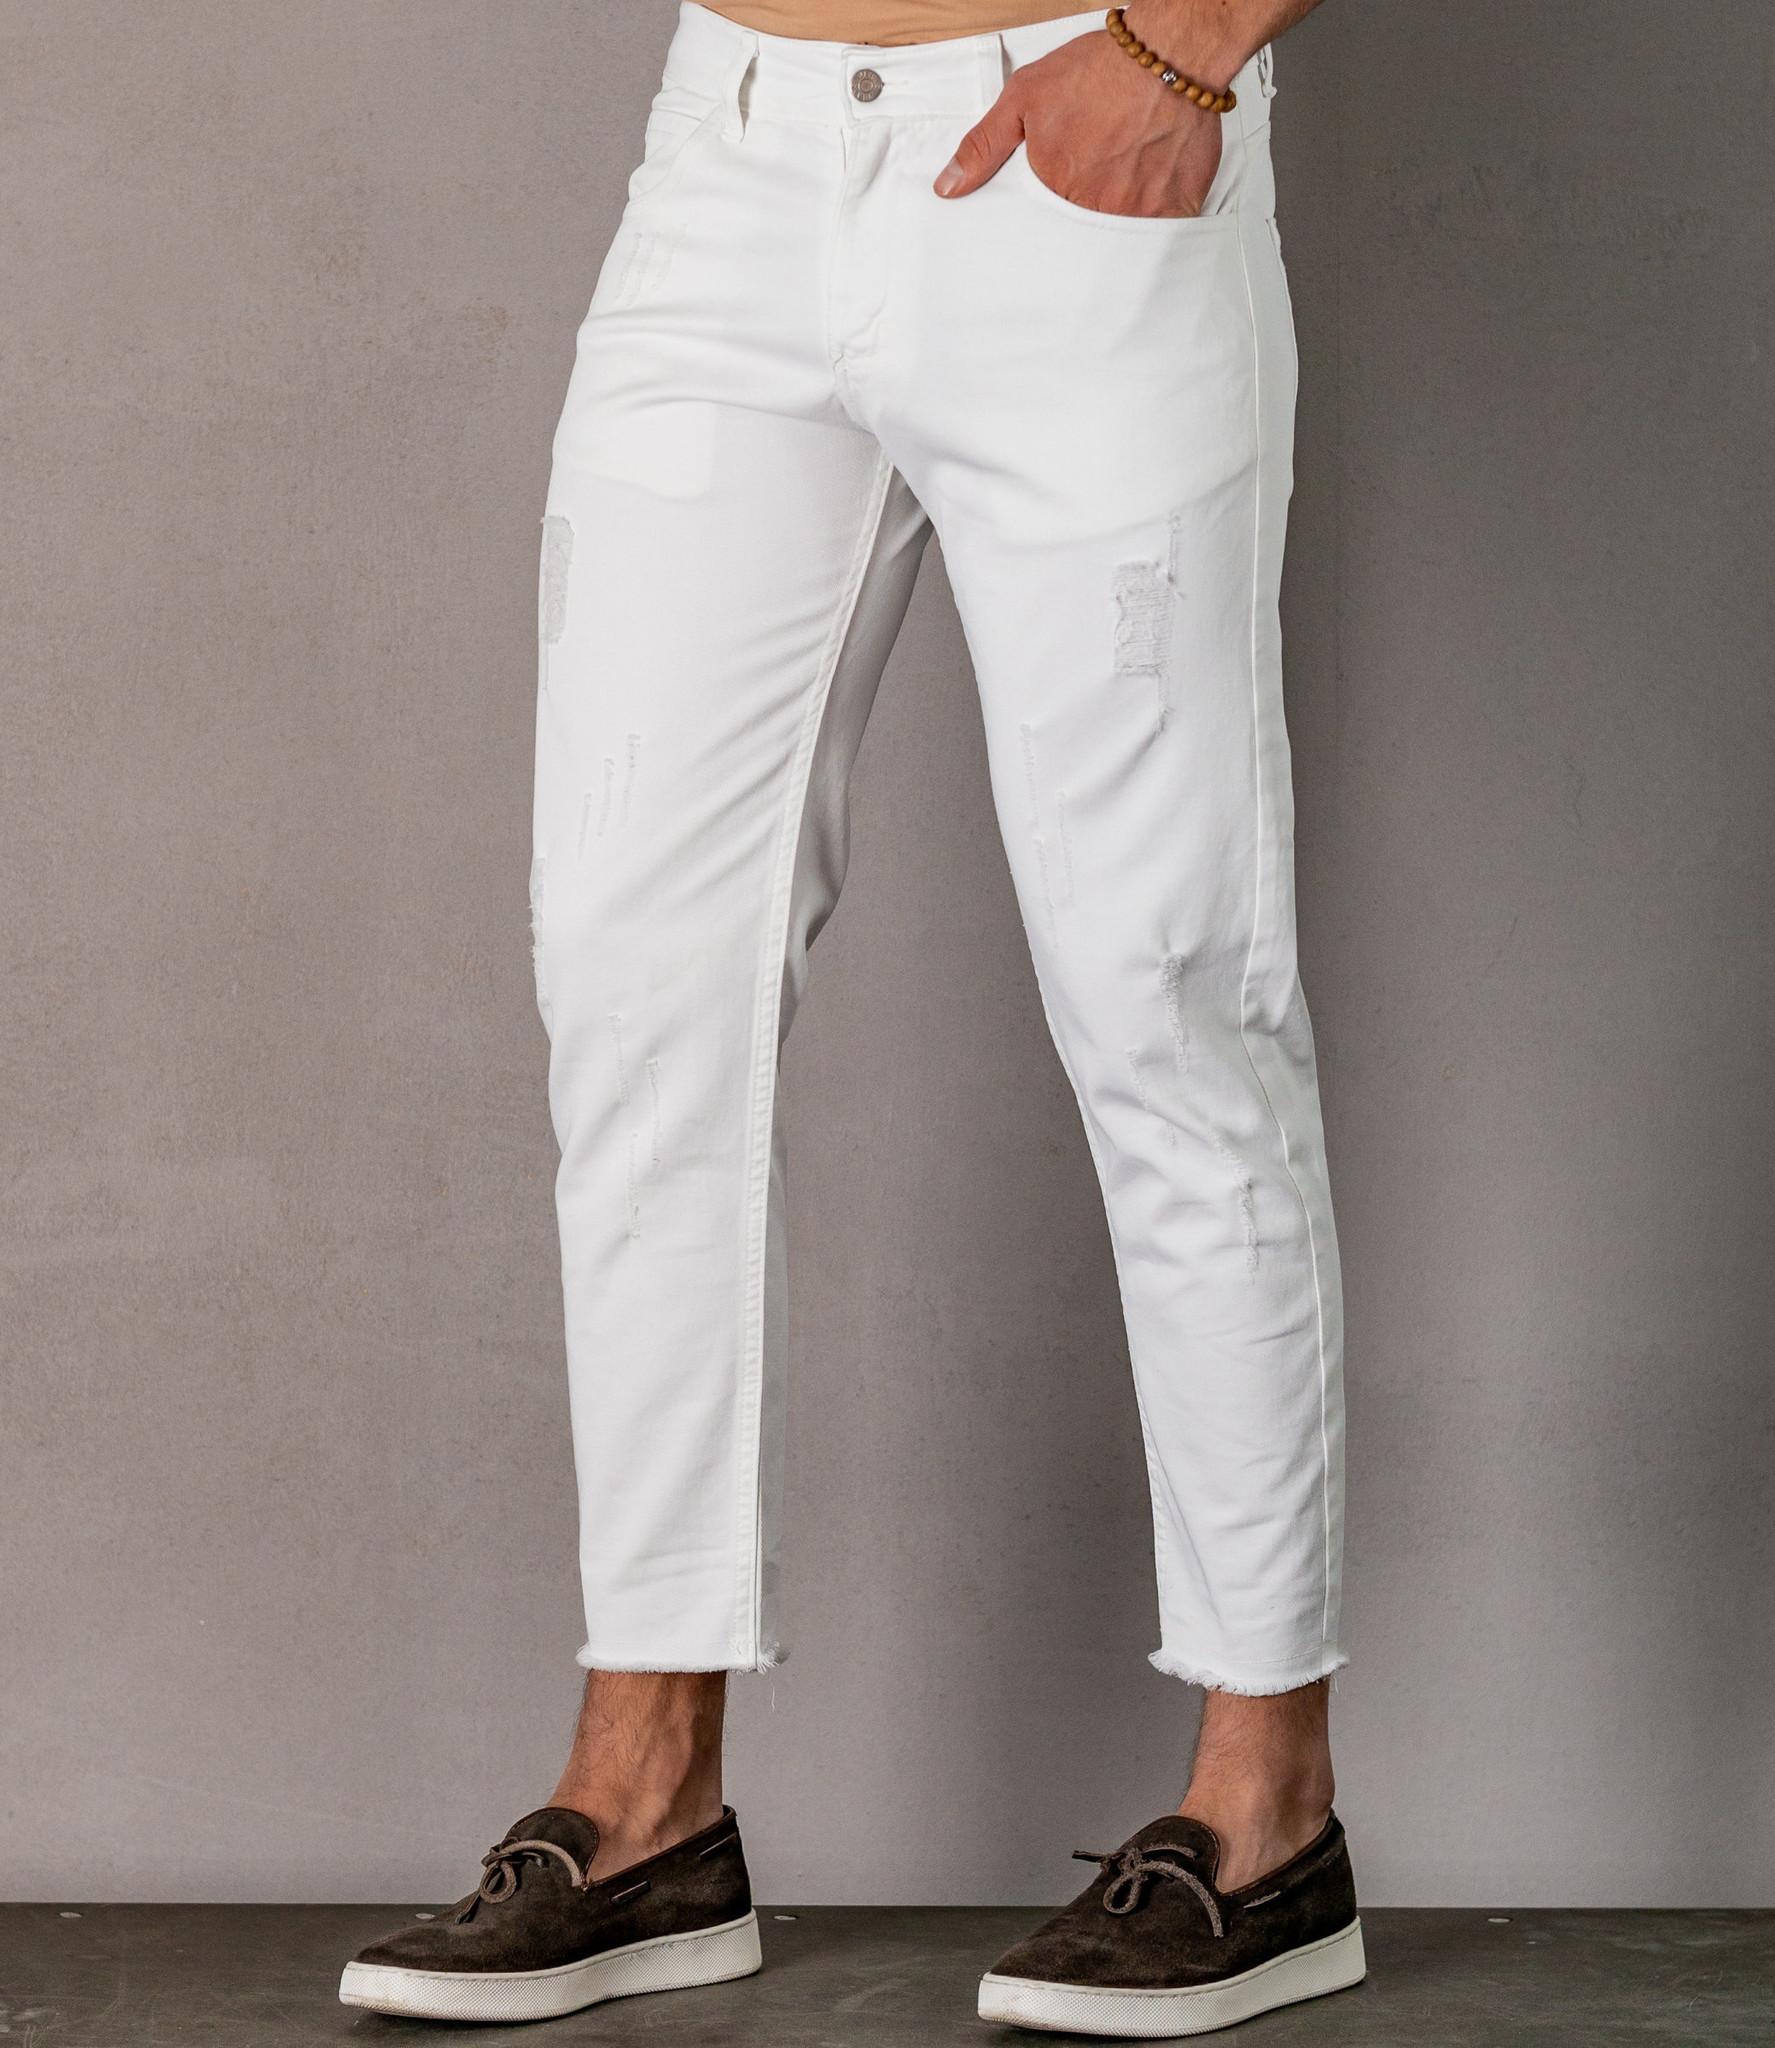 Zumo Slim Fit Jeans NICOLO White